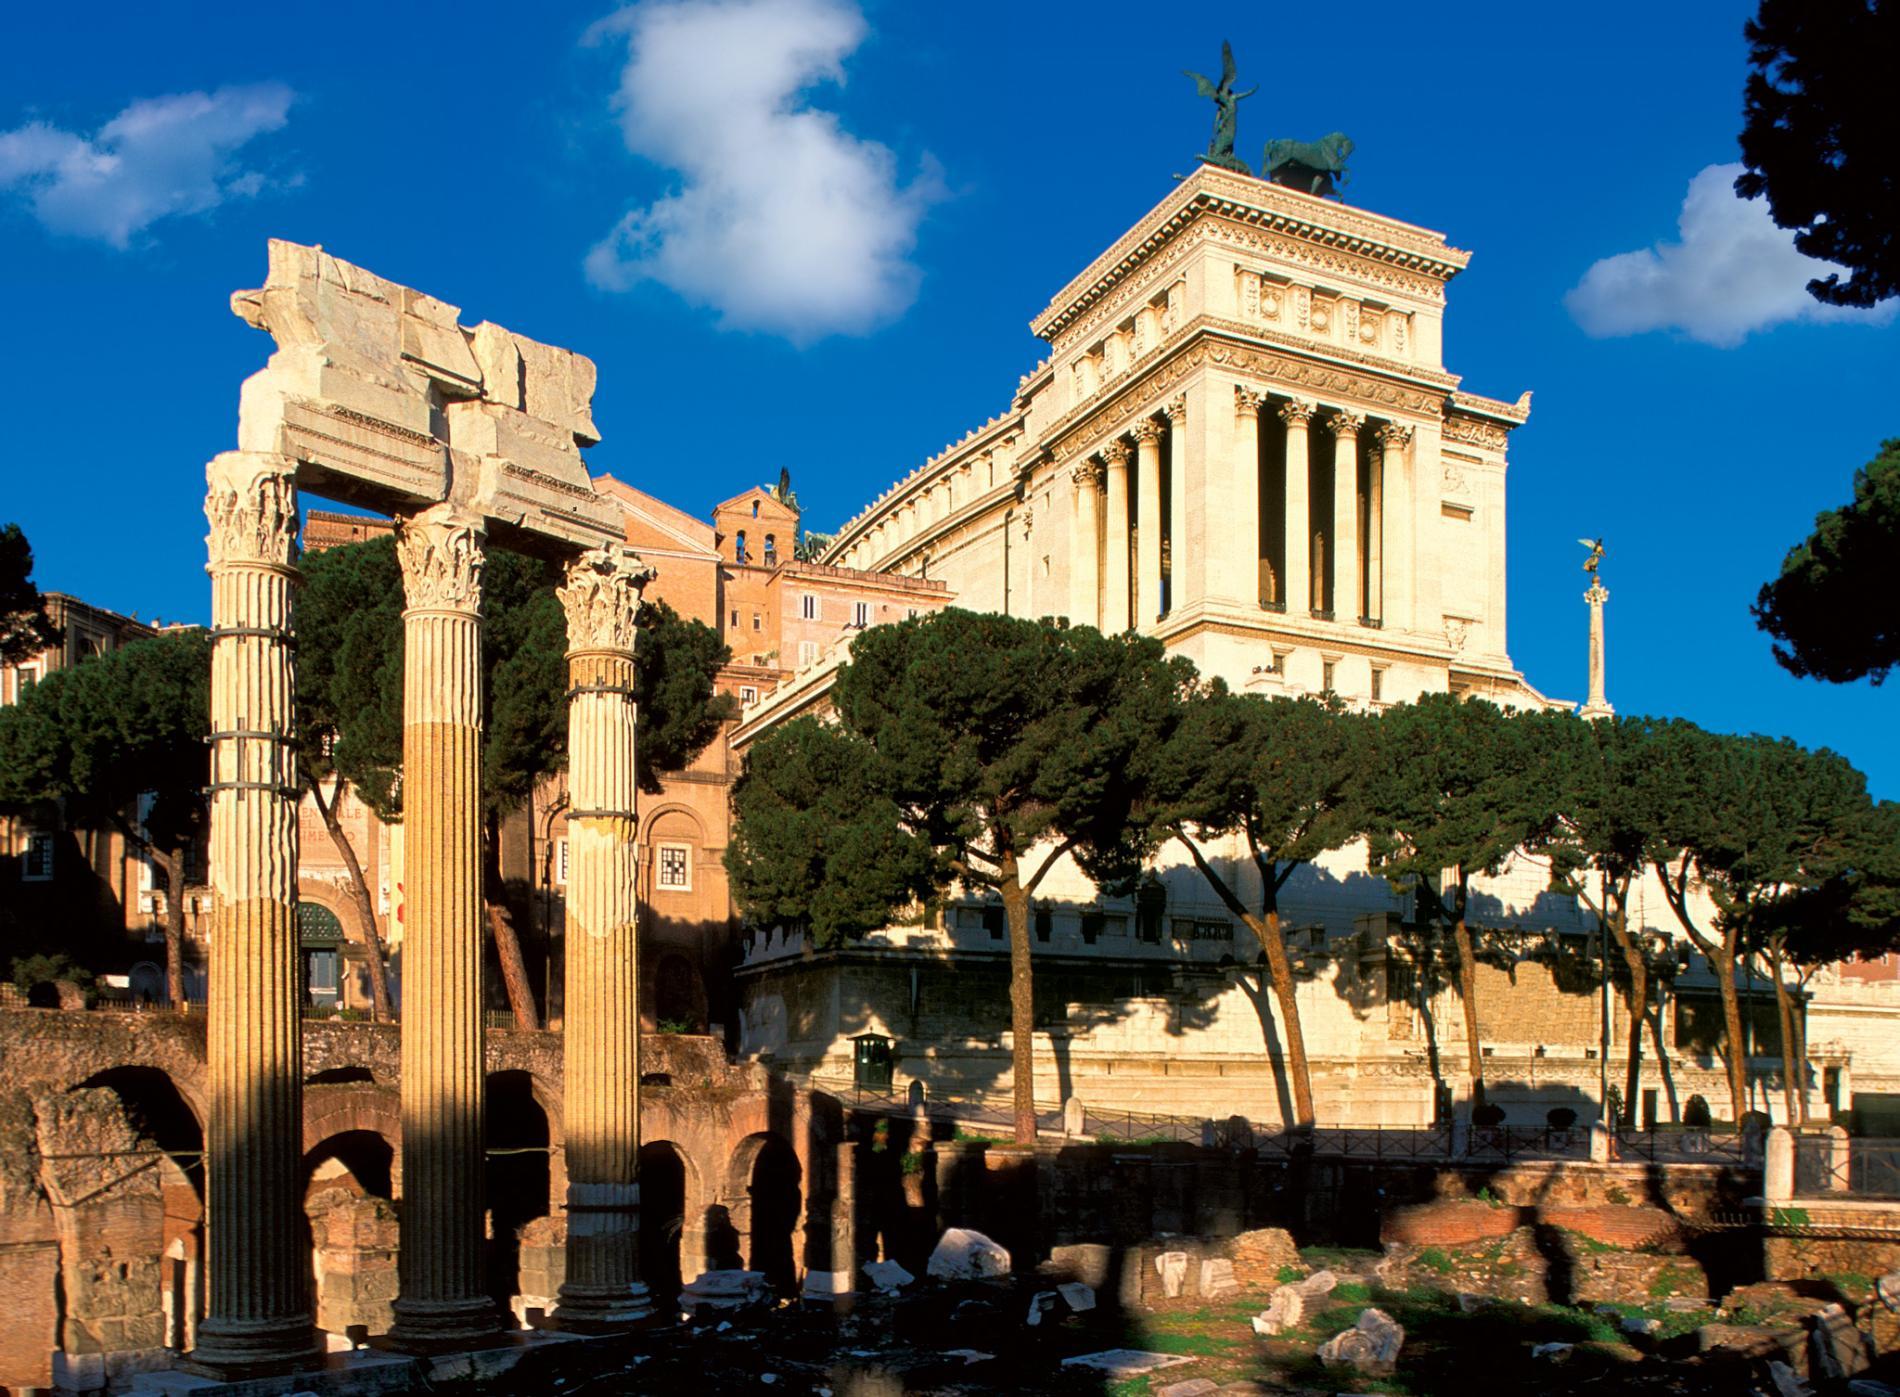 Julius Caesar In Battle The Rubicon: How Juliu...